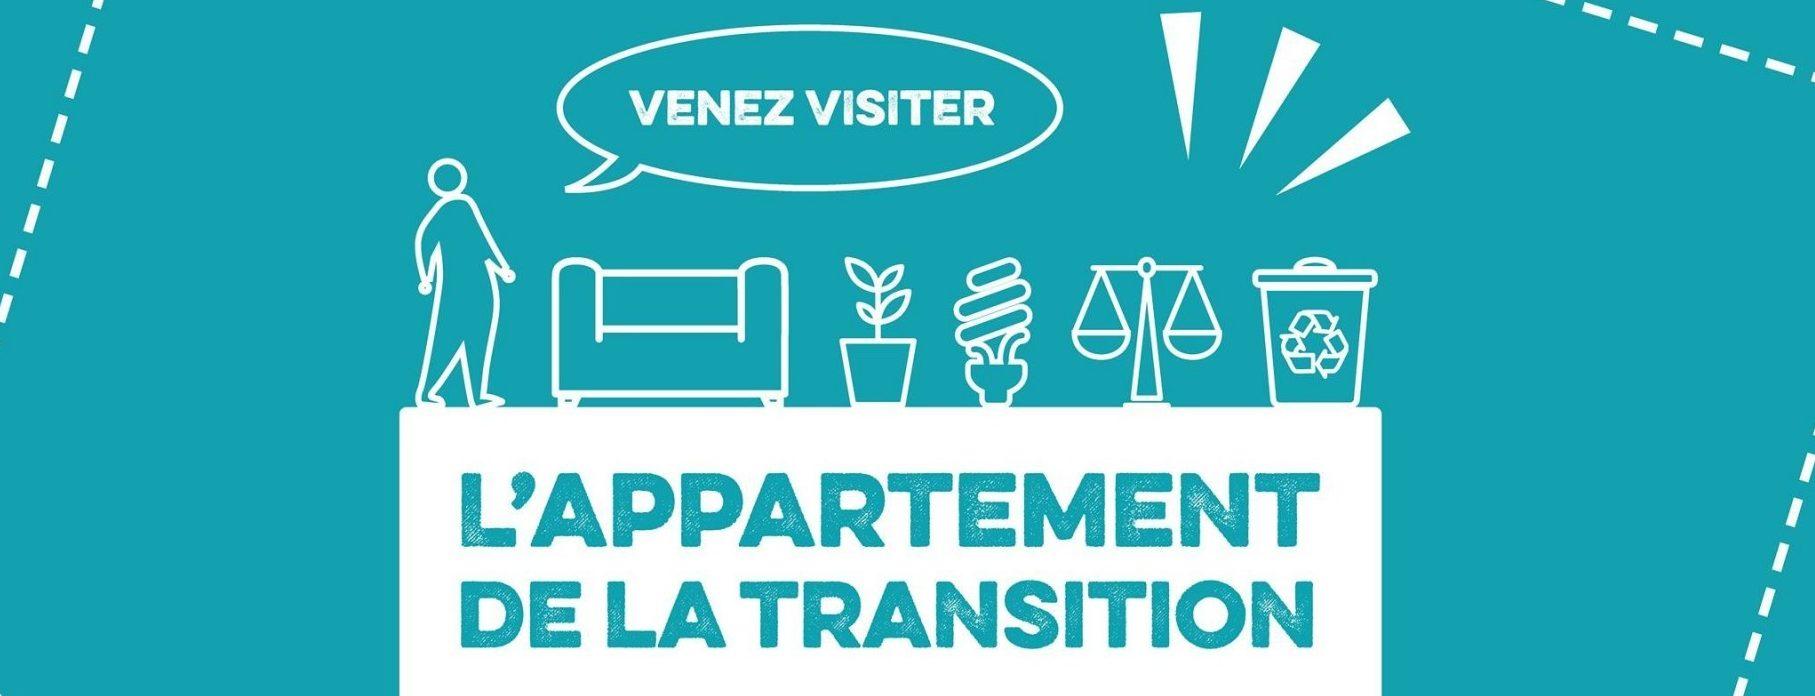 Bandeau Venez visiter l'Appartement de la Transition